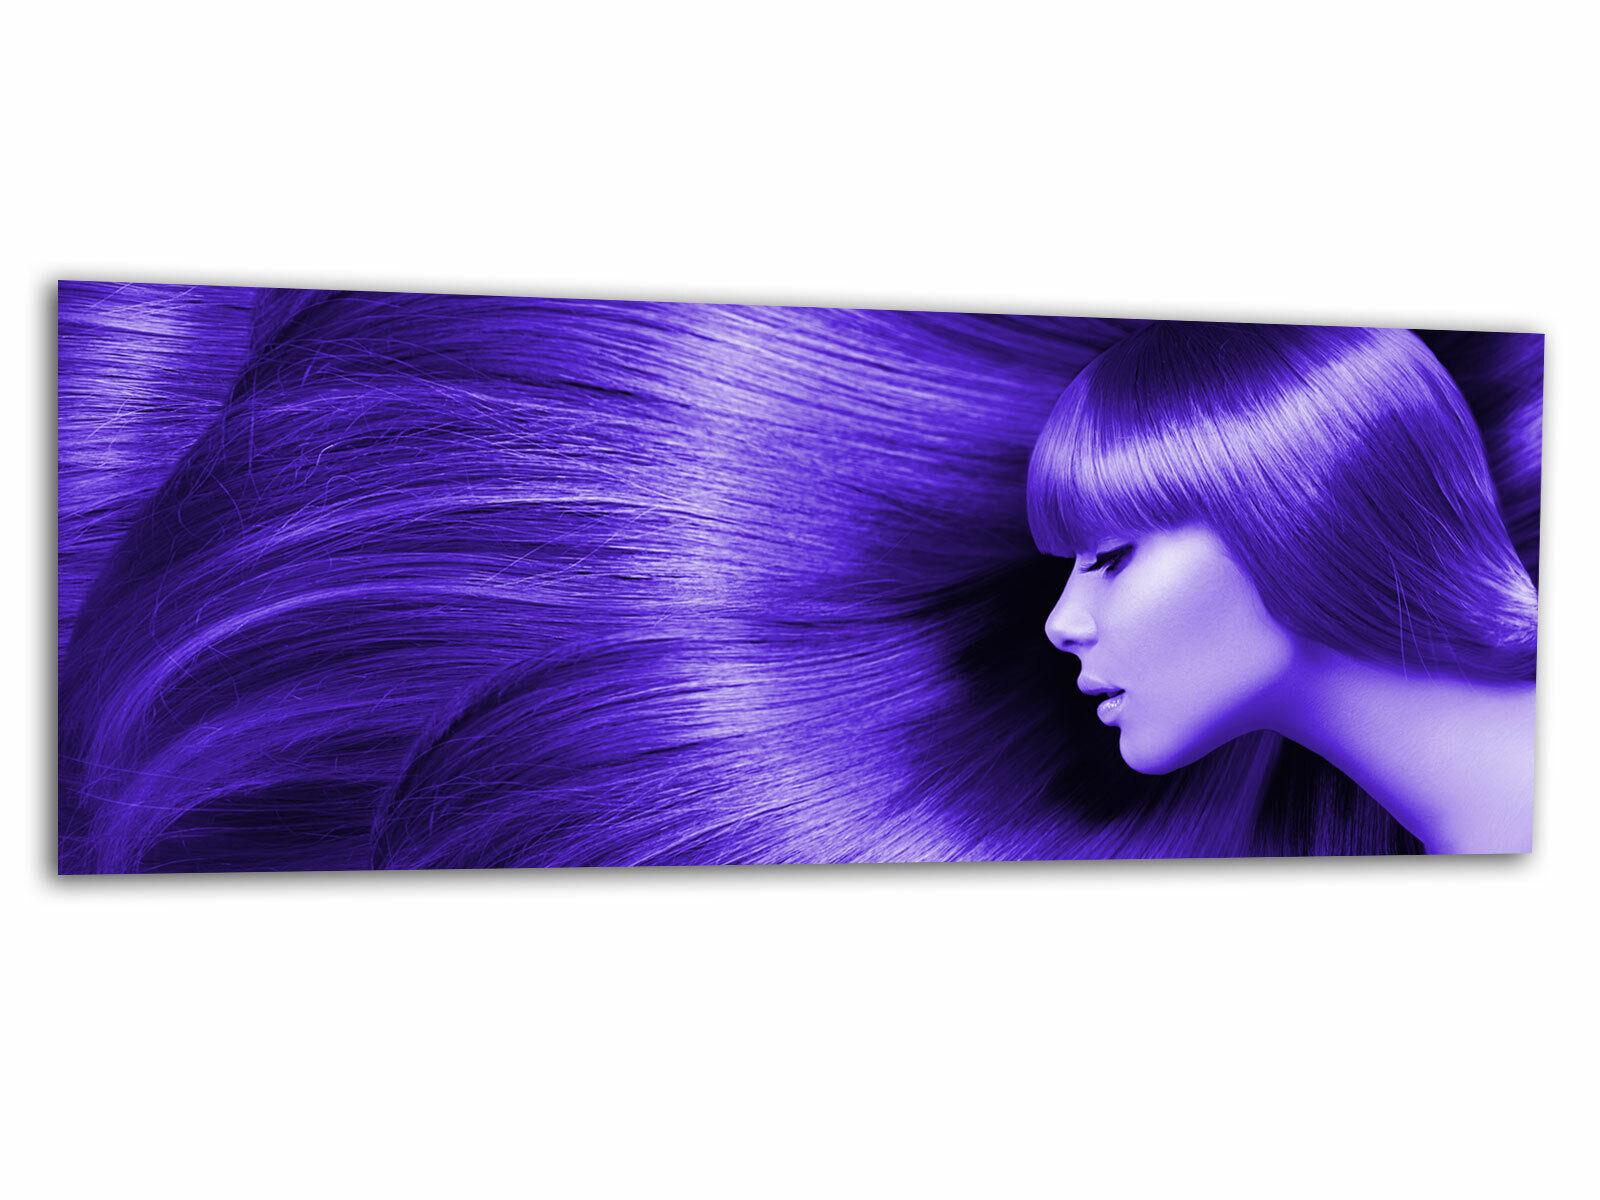 Verre – images la fresque ag312502023 sexy HAIRSTYLE Violet 125 X 50 cm